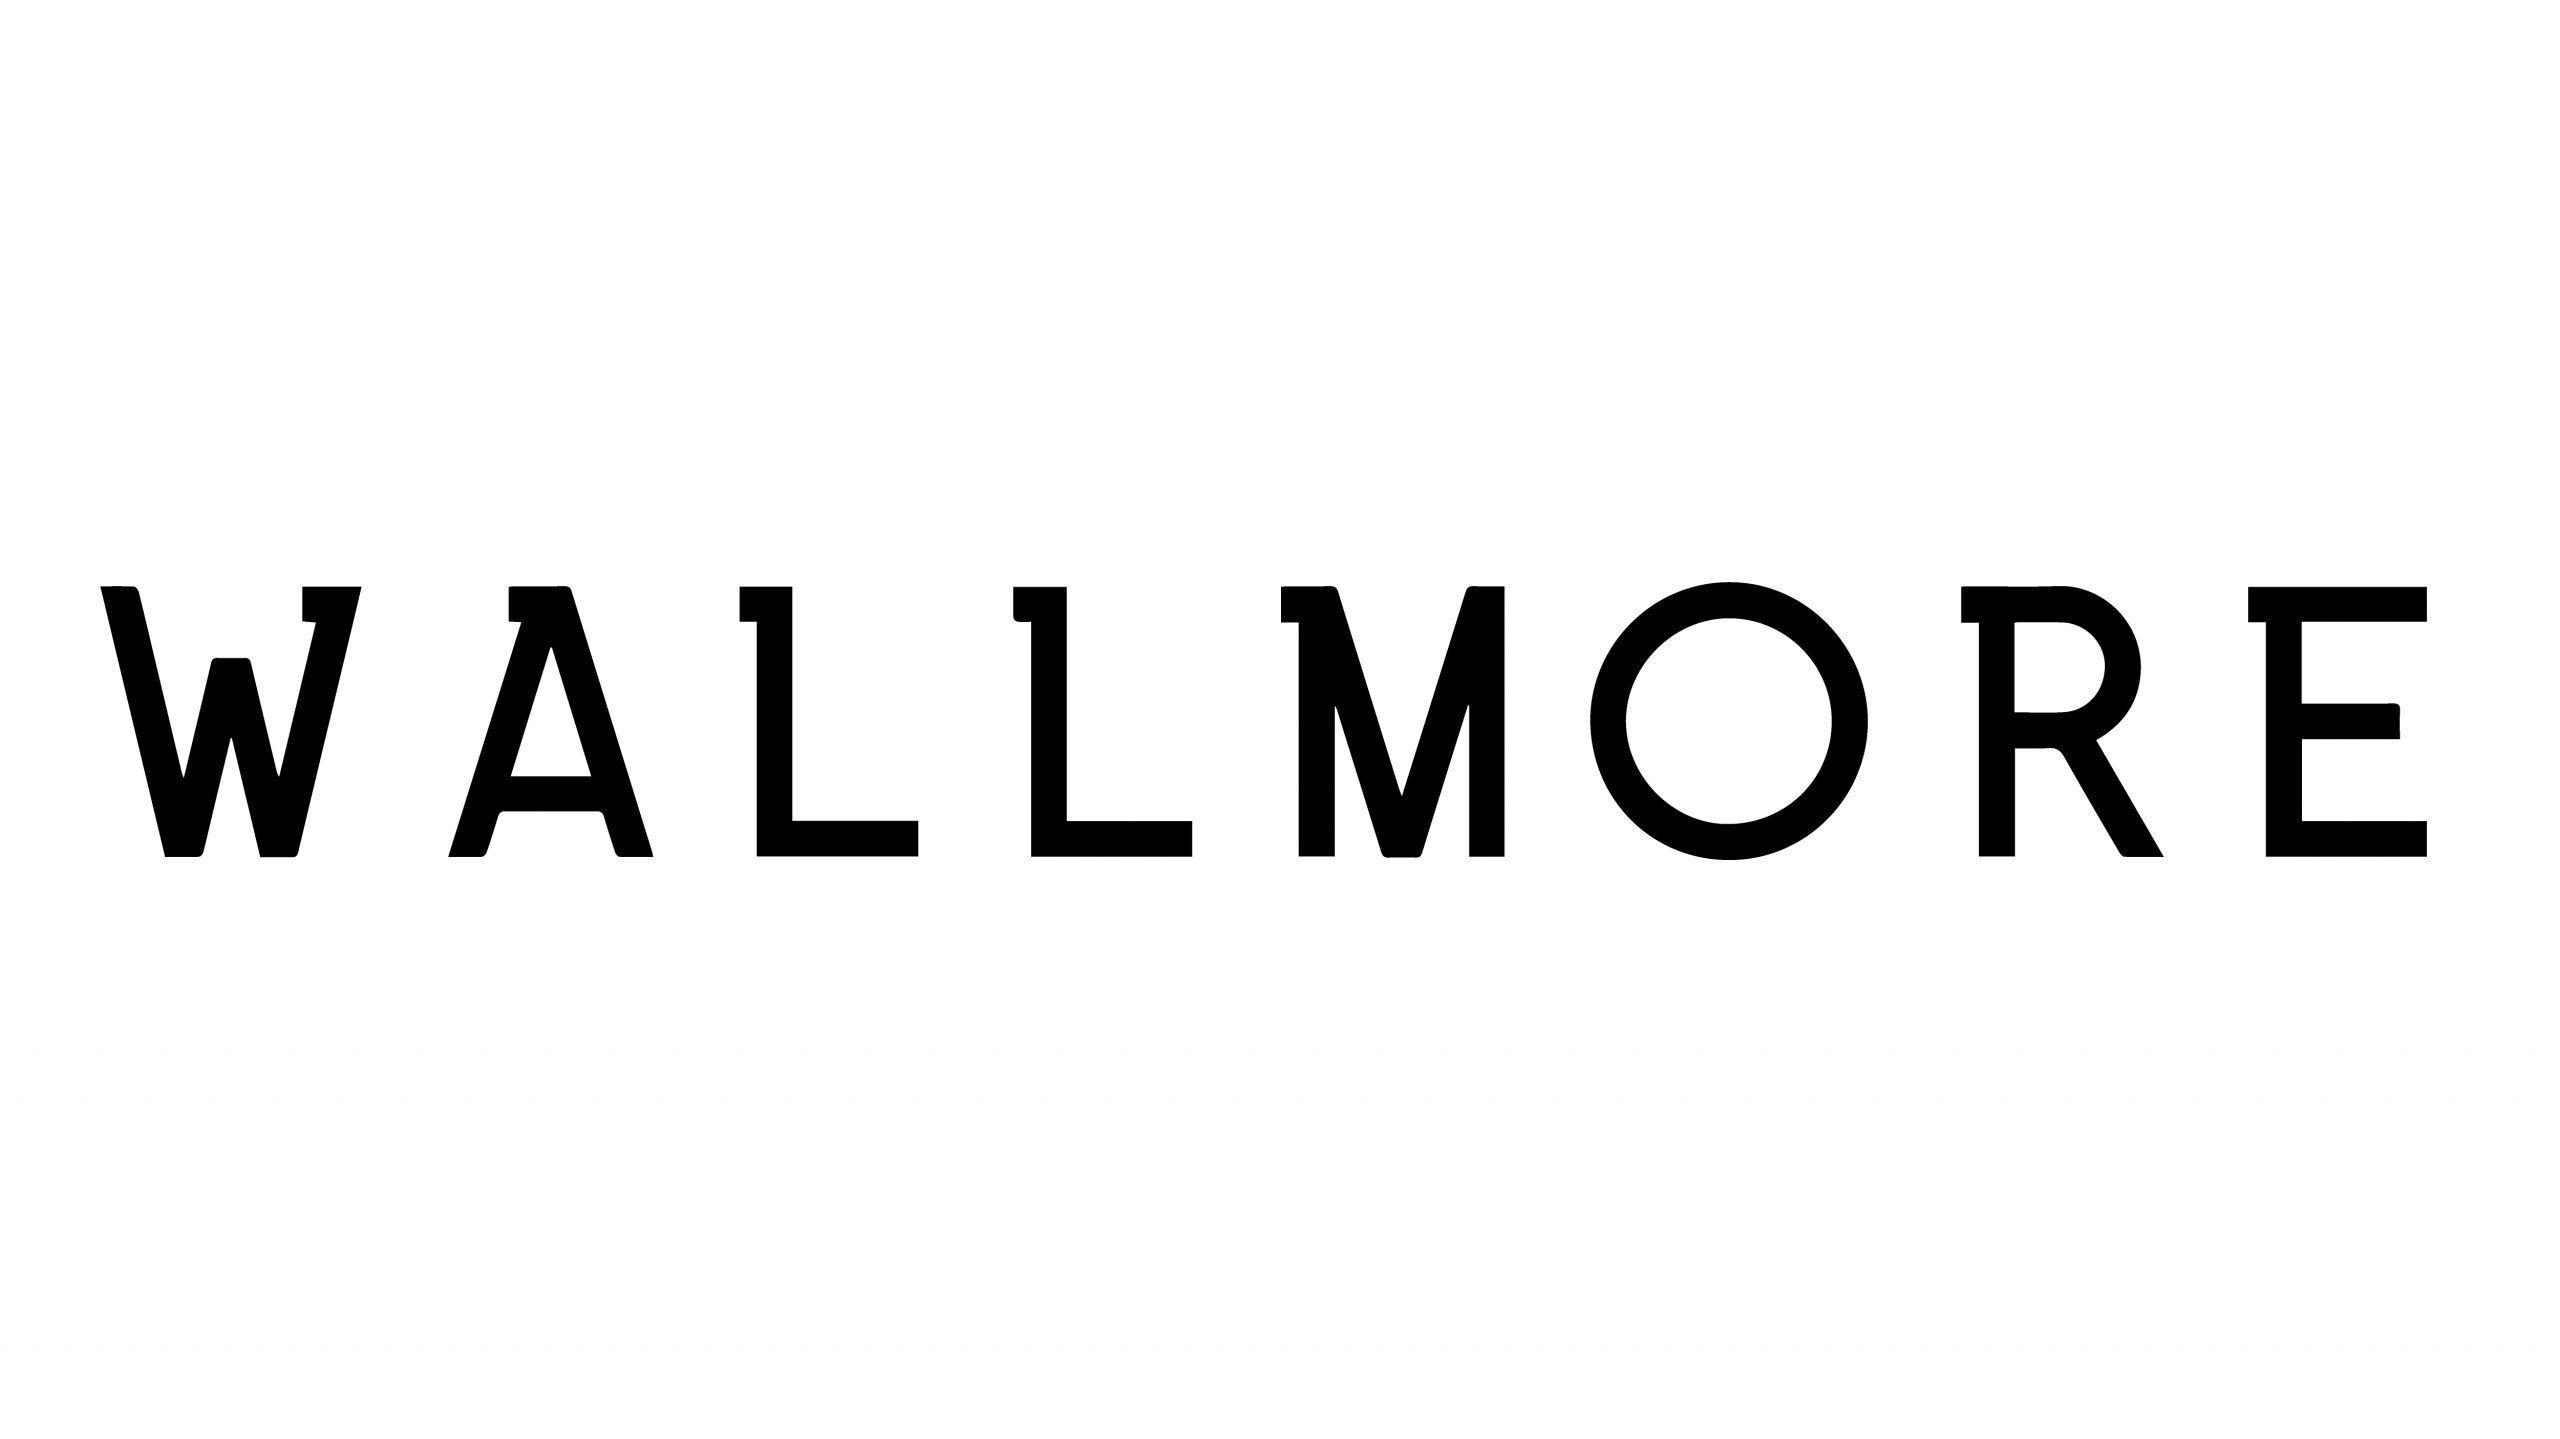 wallmore logo